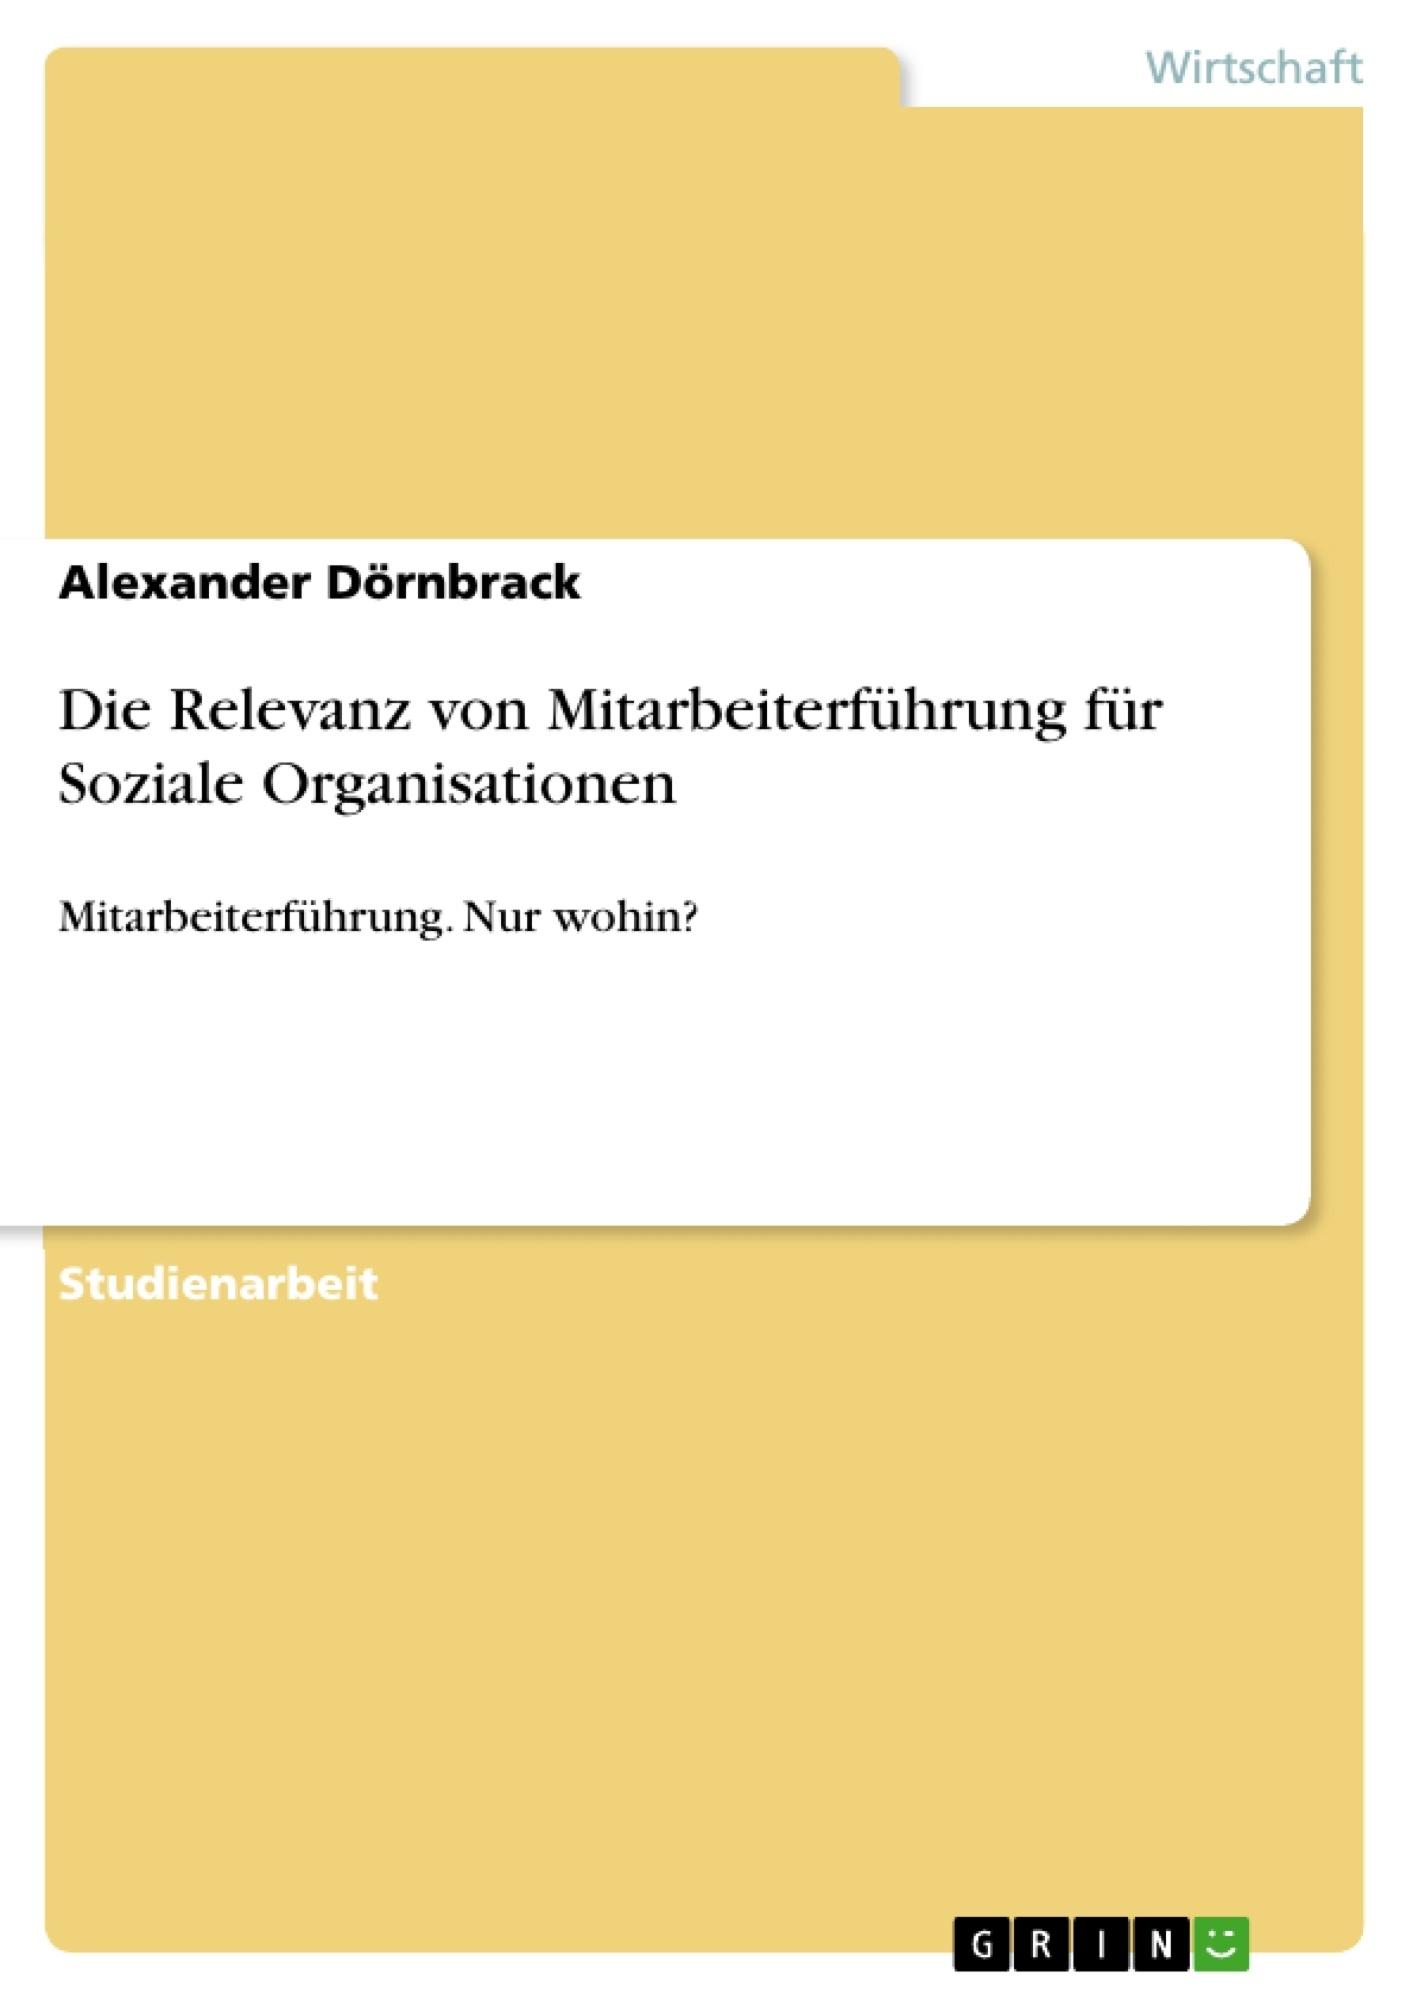 Titel: Die Relevanz von Mitarbeiterführung für Soziale Organisationen